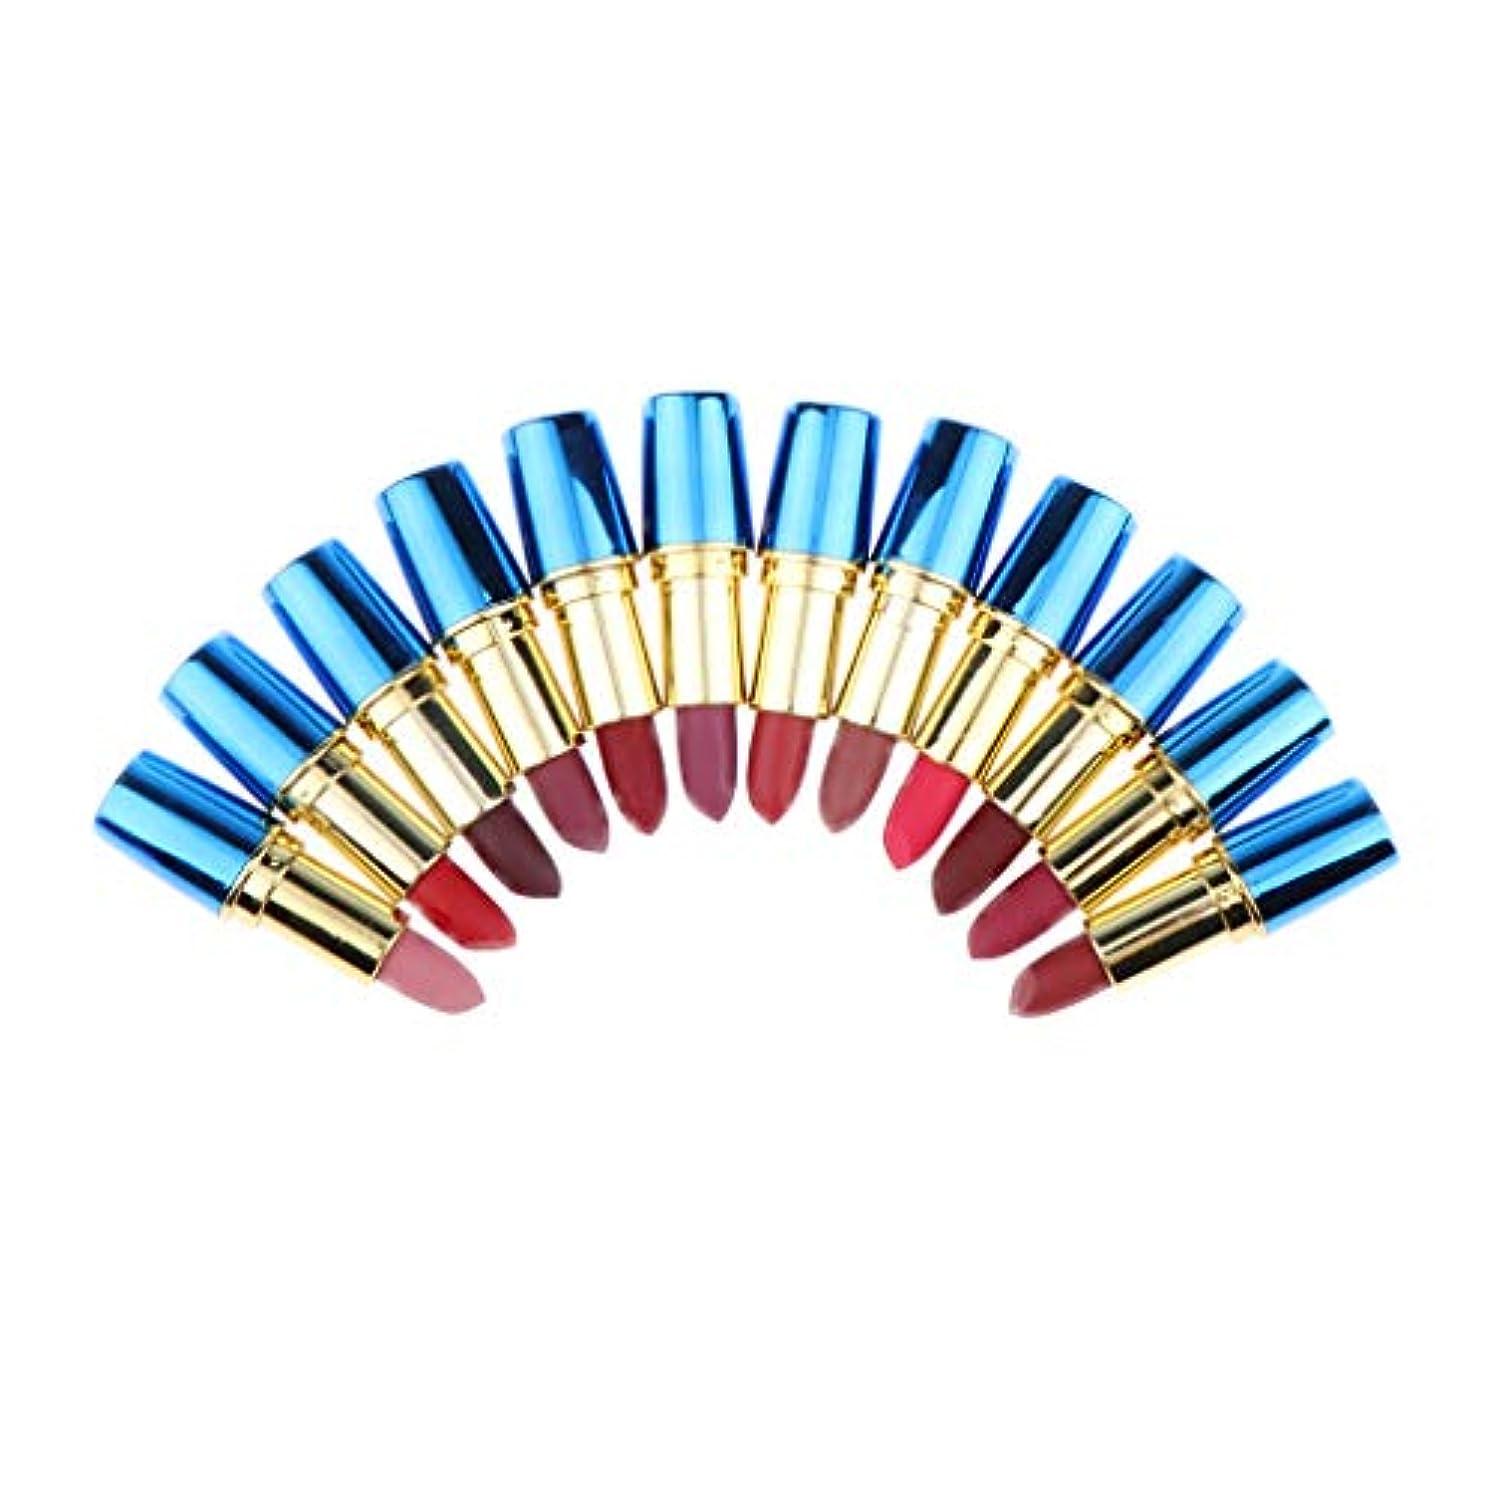 マットリップスティックセット 口紅 唇メイク 12色 交換部品